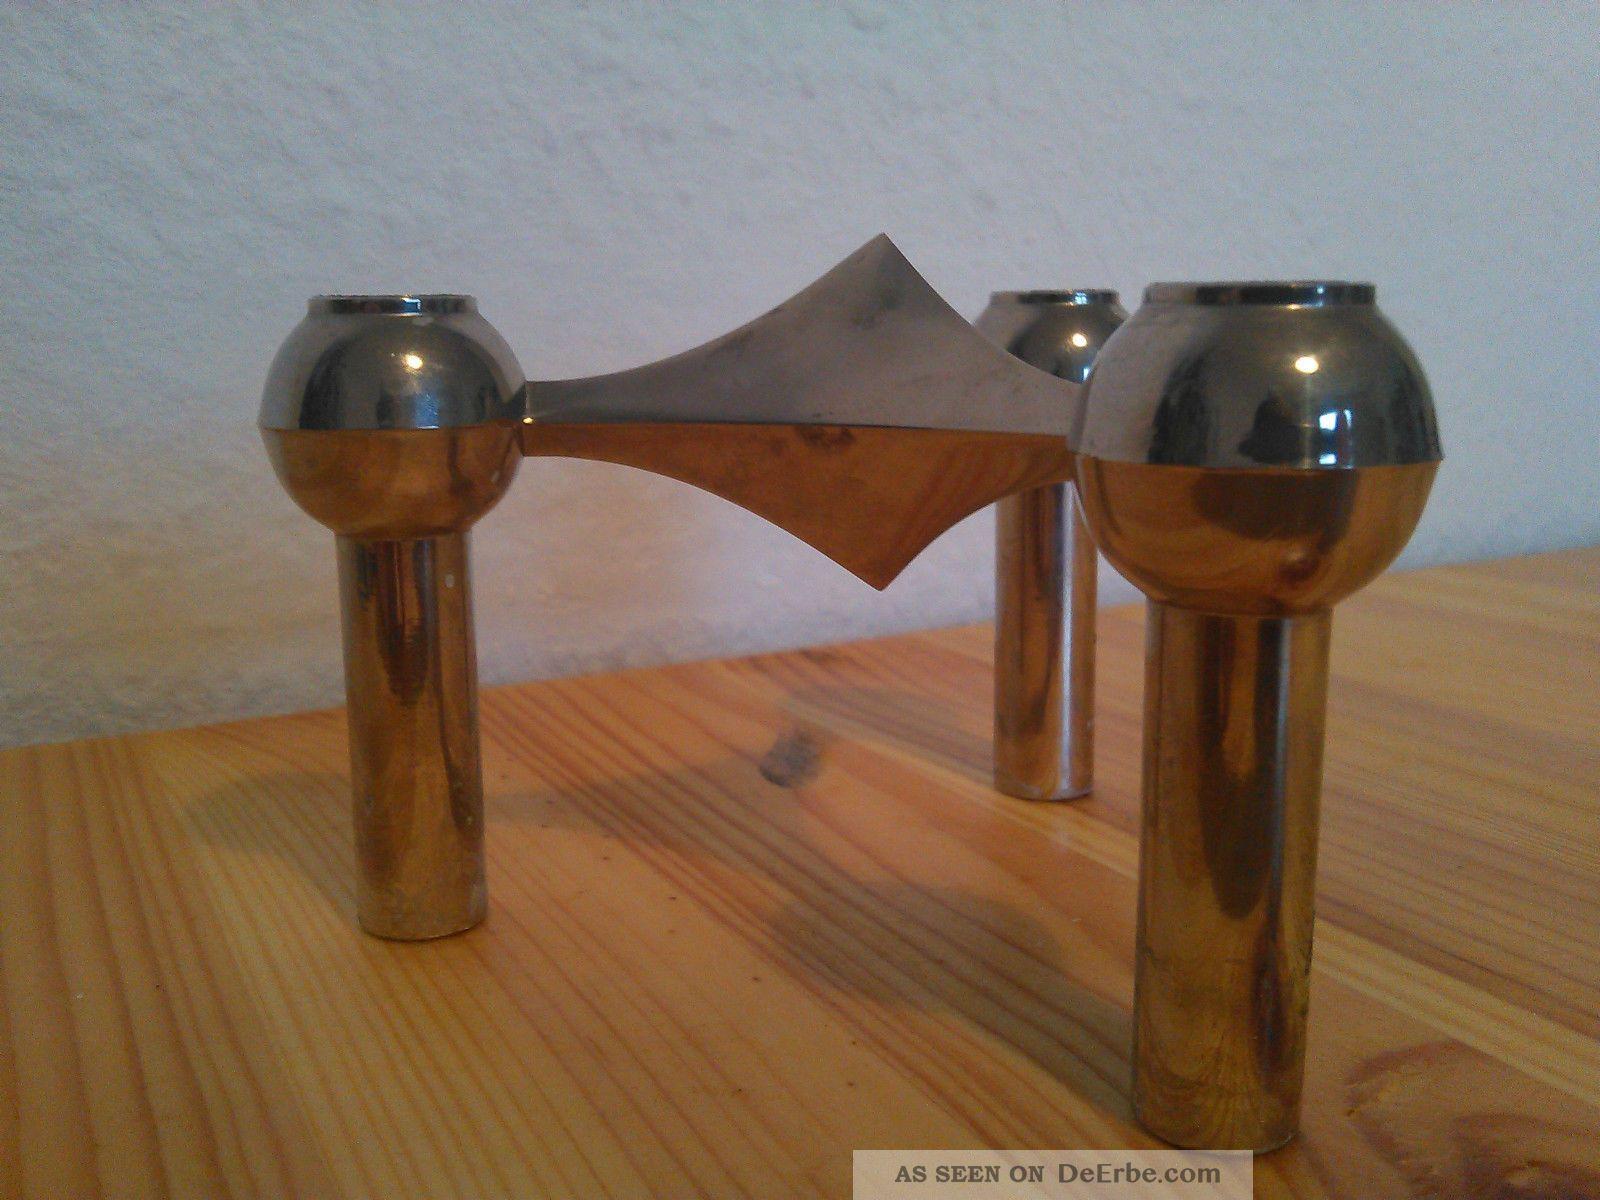 3x Kerzenstu00e4nder 60er 70er Metall Panton Eames Design Kerzen Vintage Nagel Quist